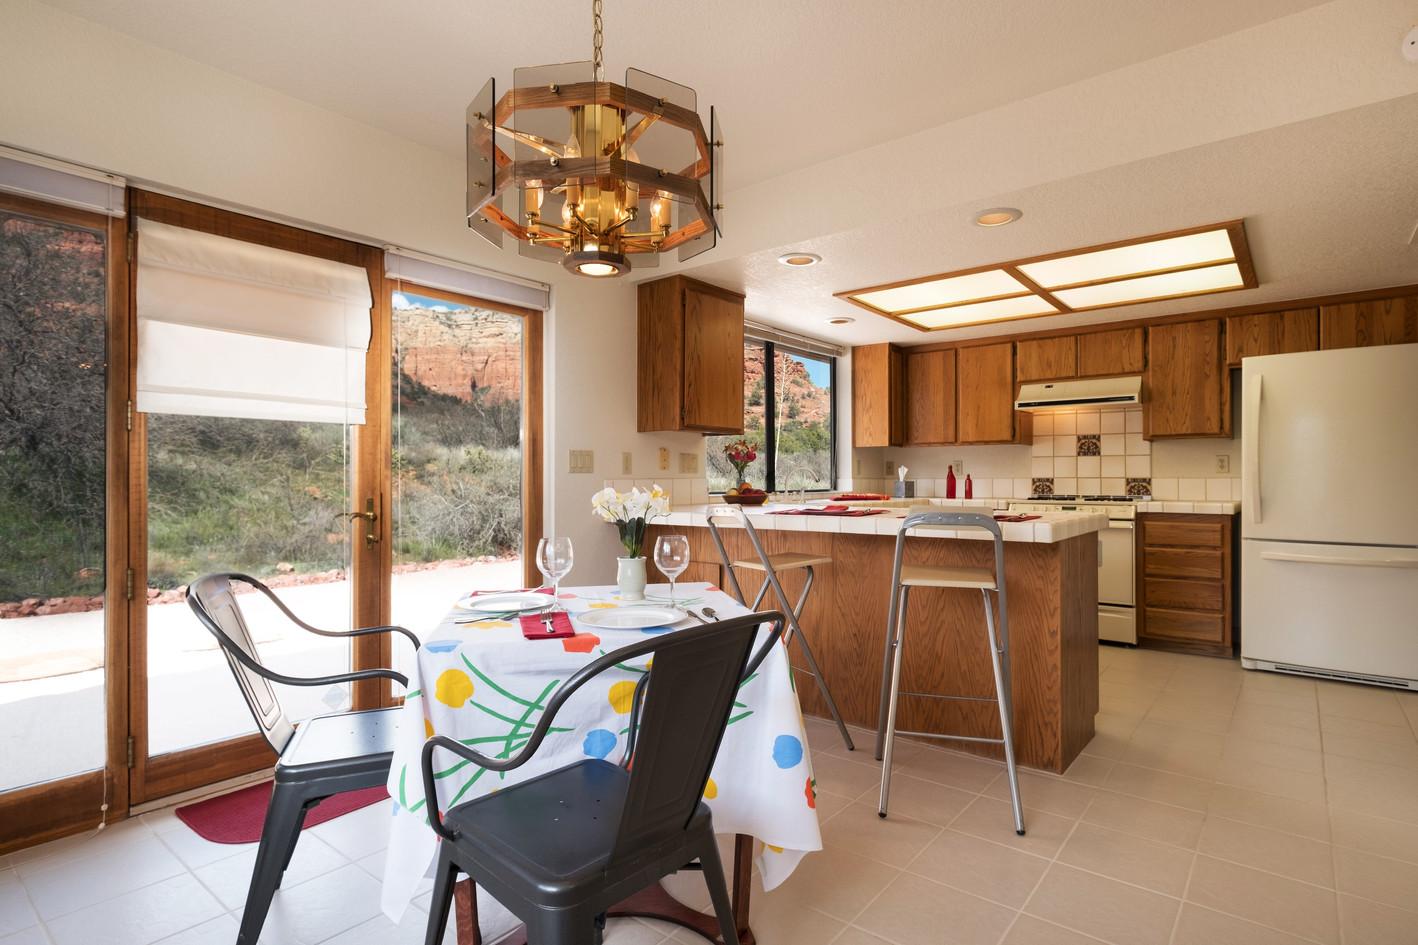 Breakfast area & kitchen